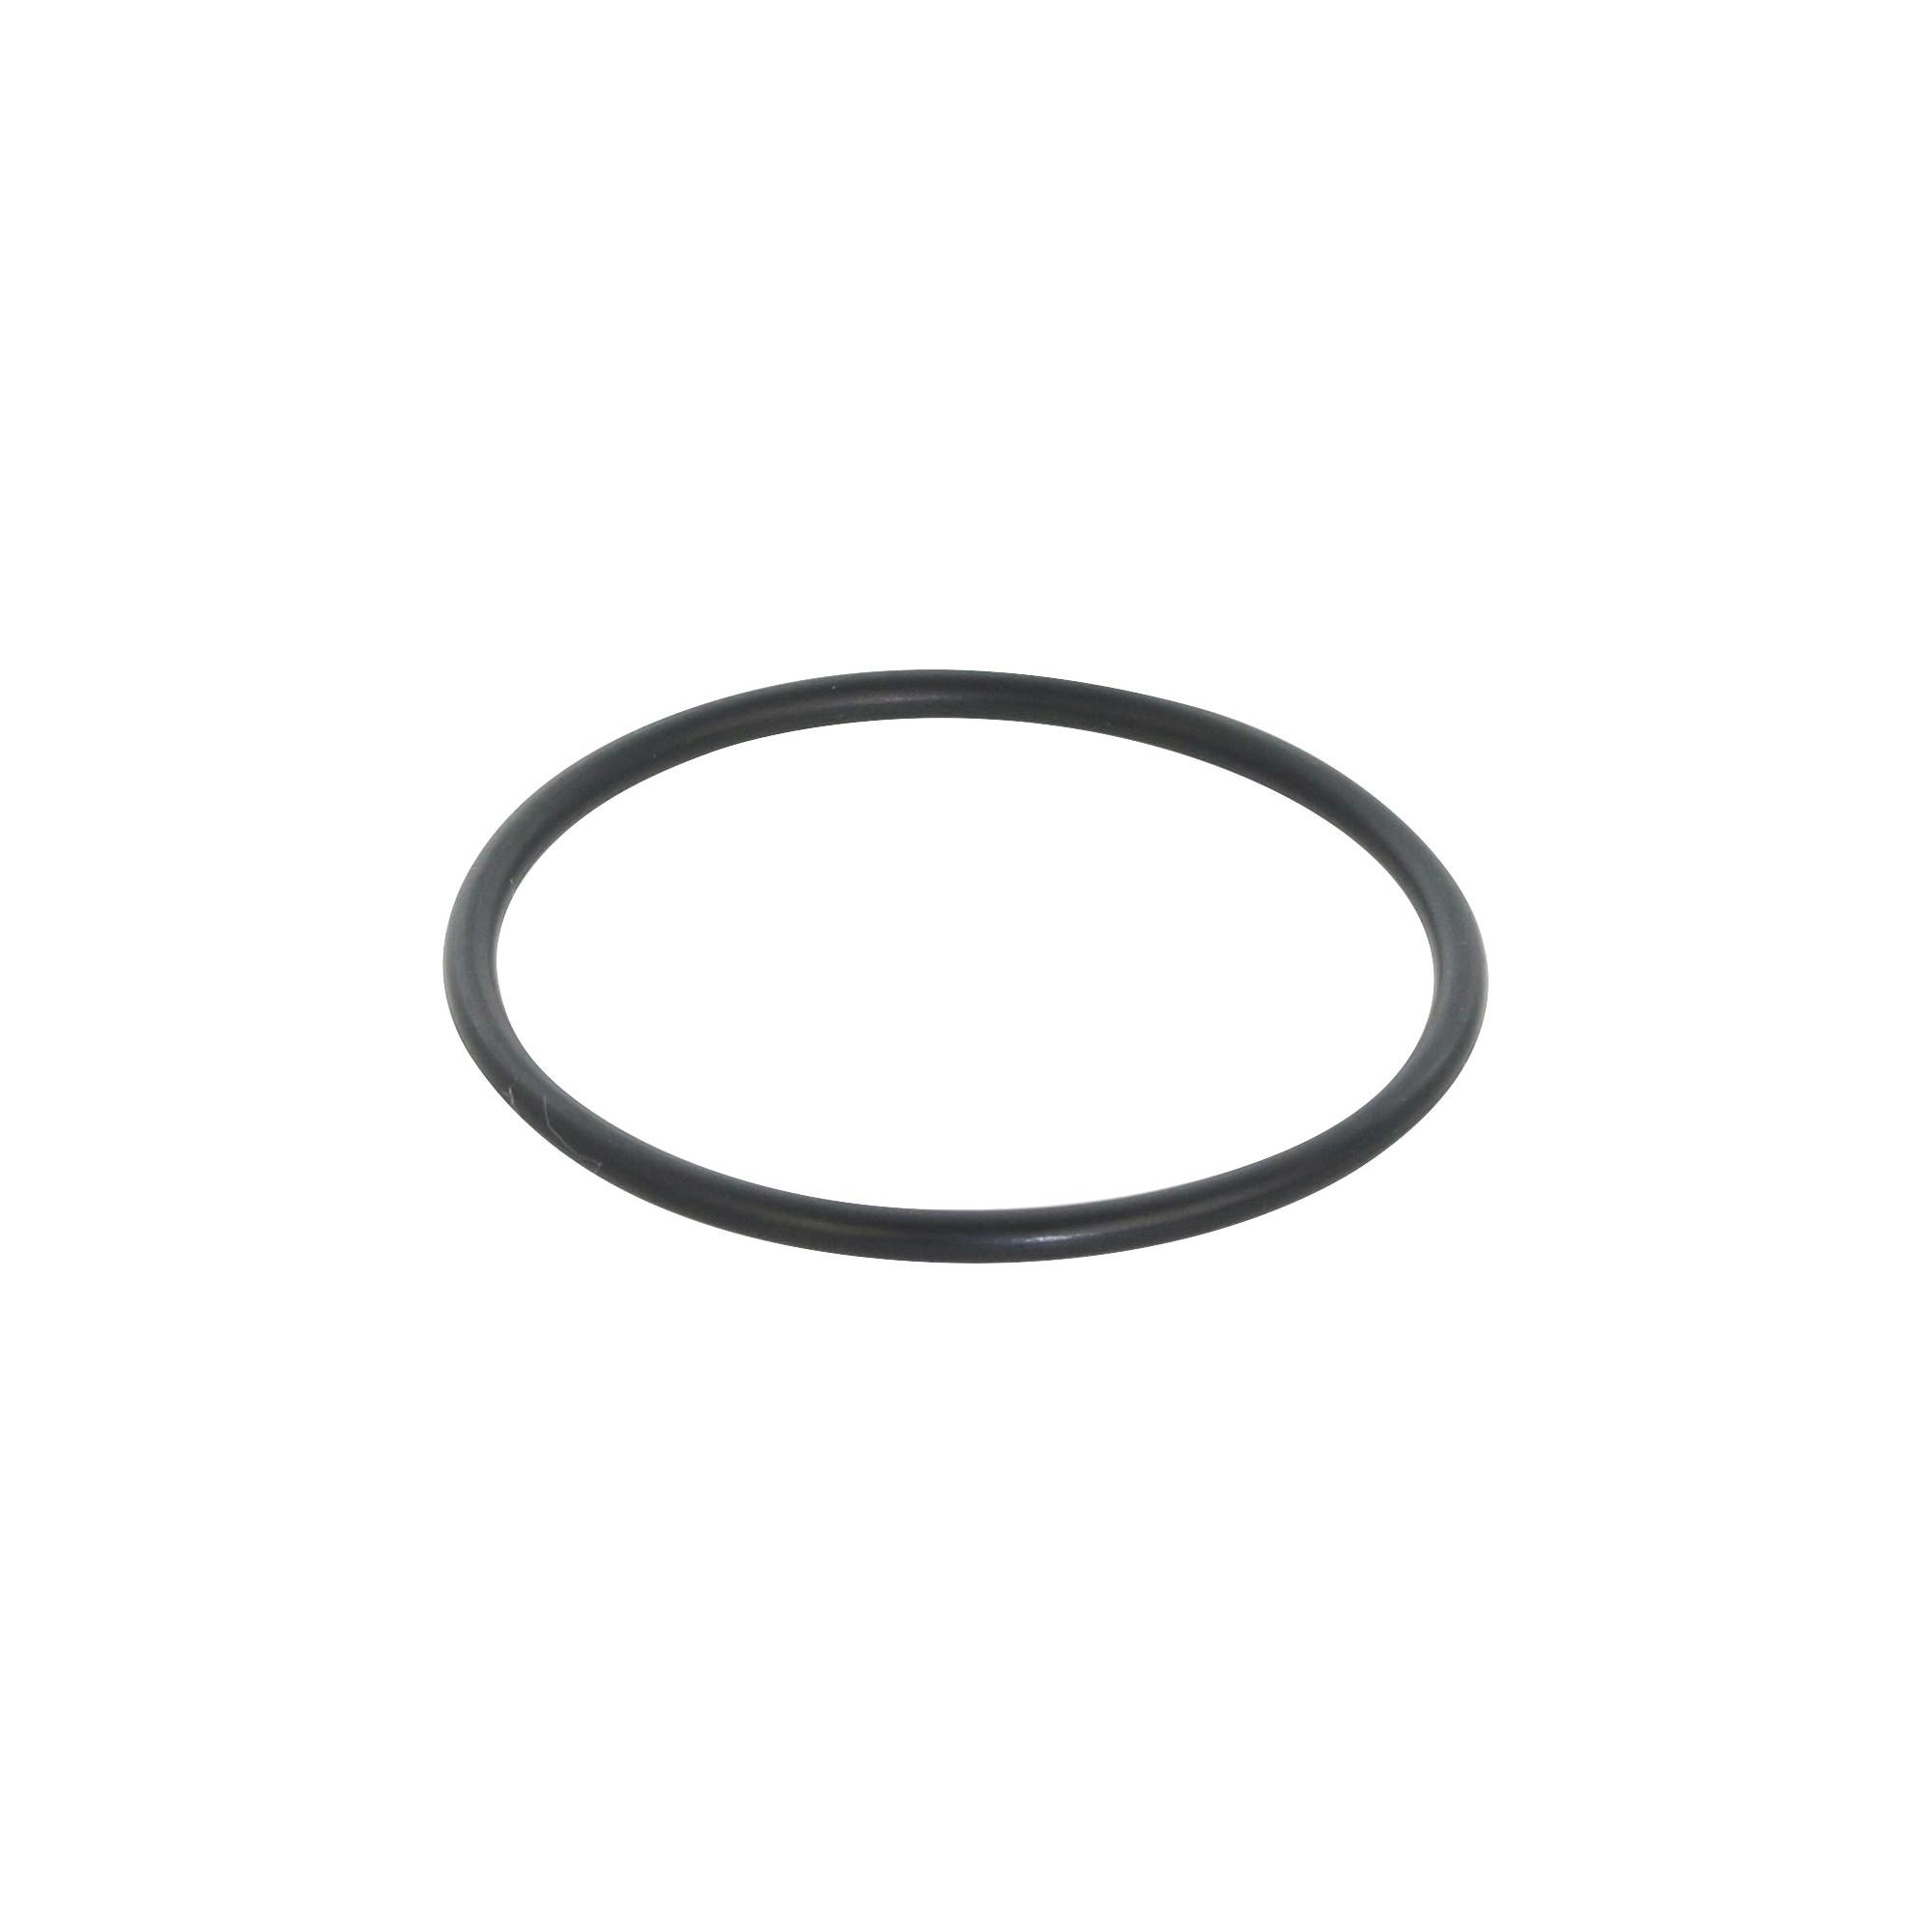 O形圈布流φ47用G - 55 |柴田科技有限公司-环境检测设备、科学仪器的制造销售